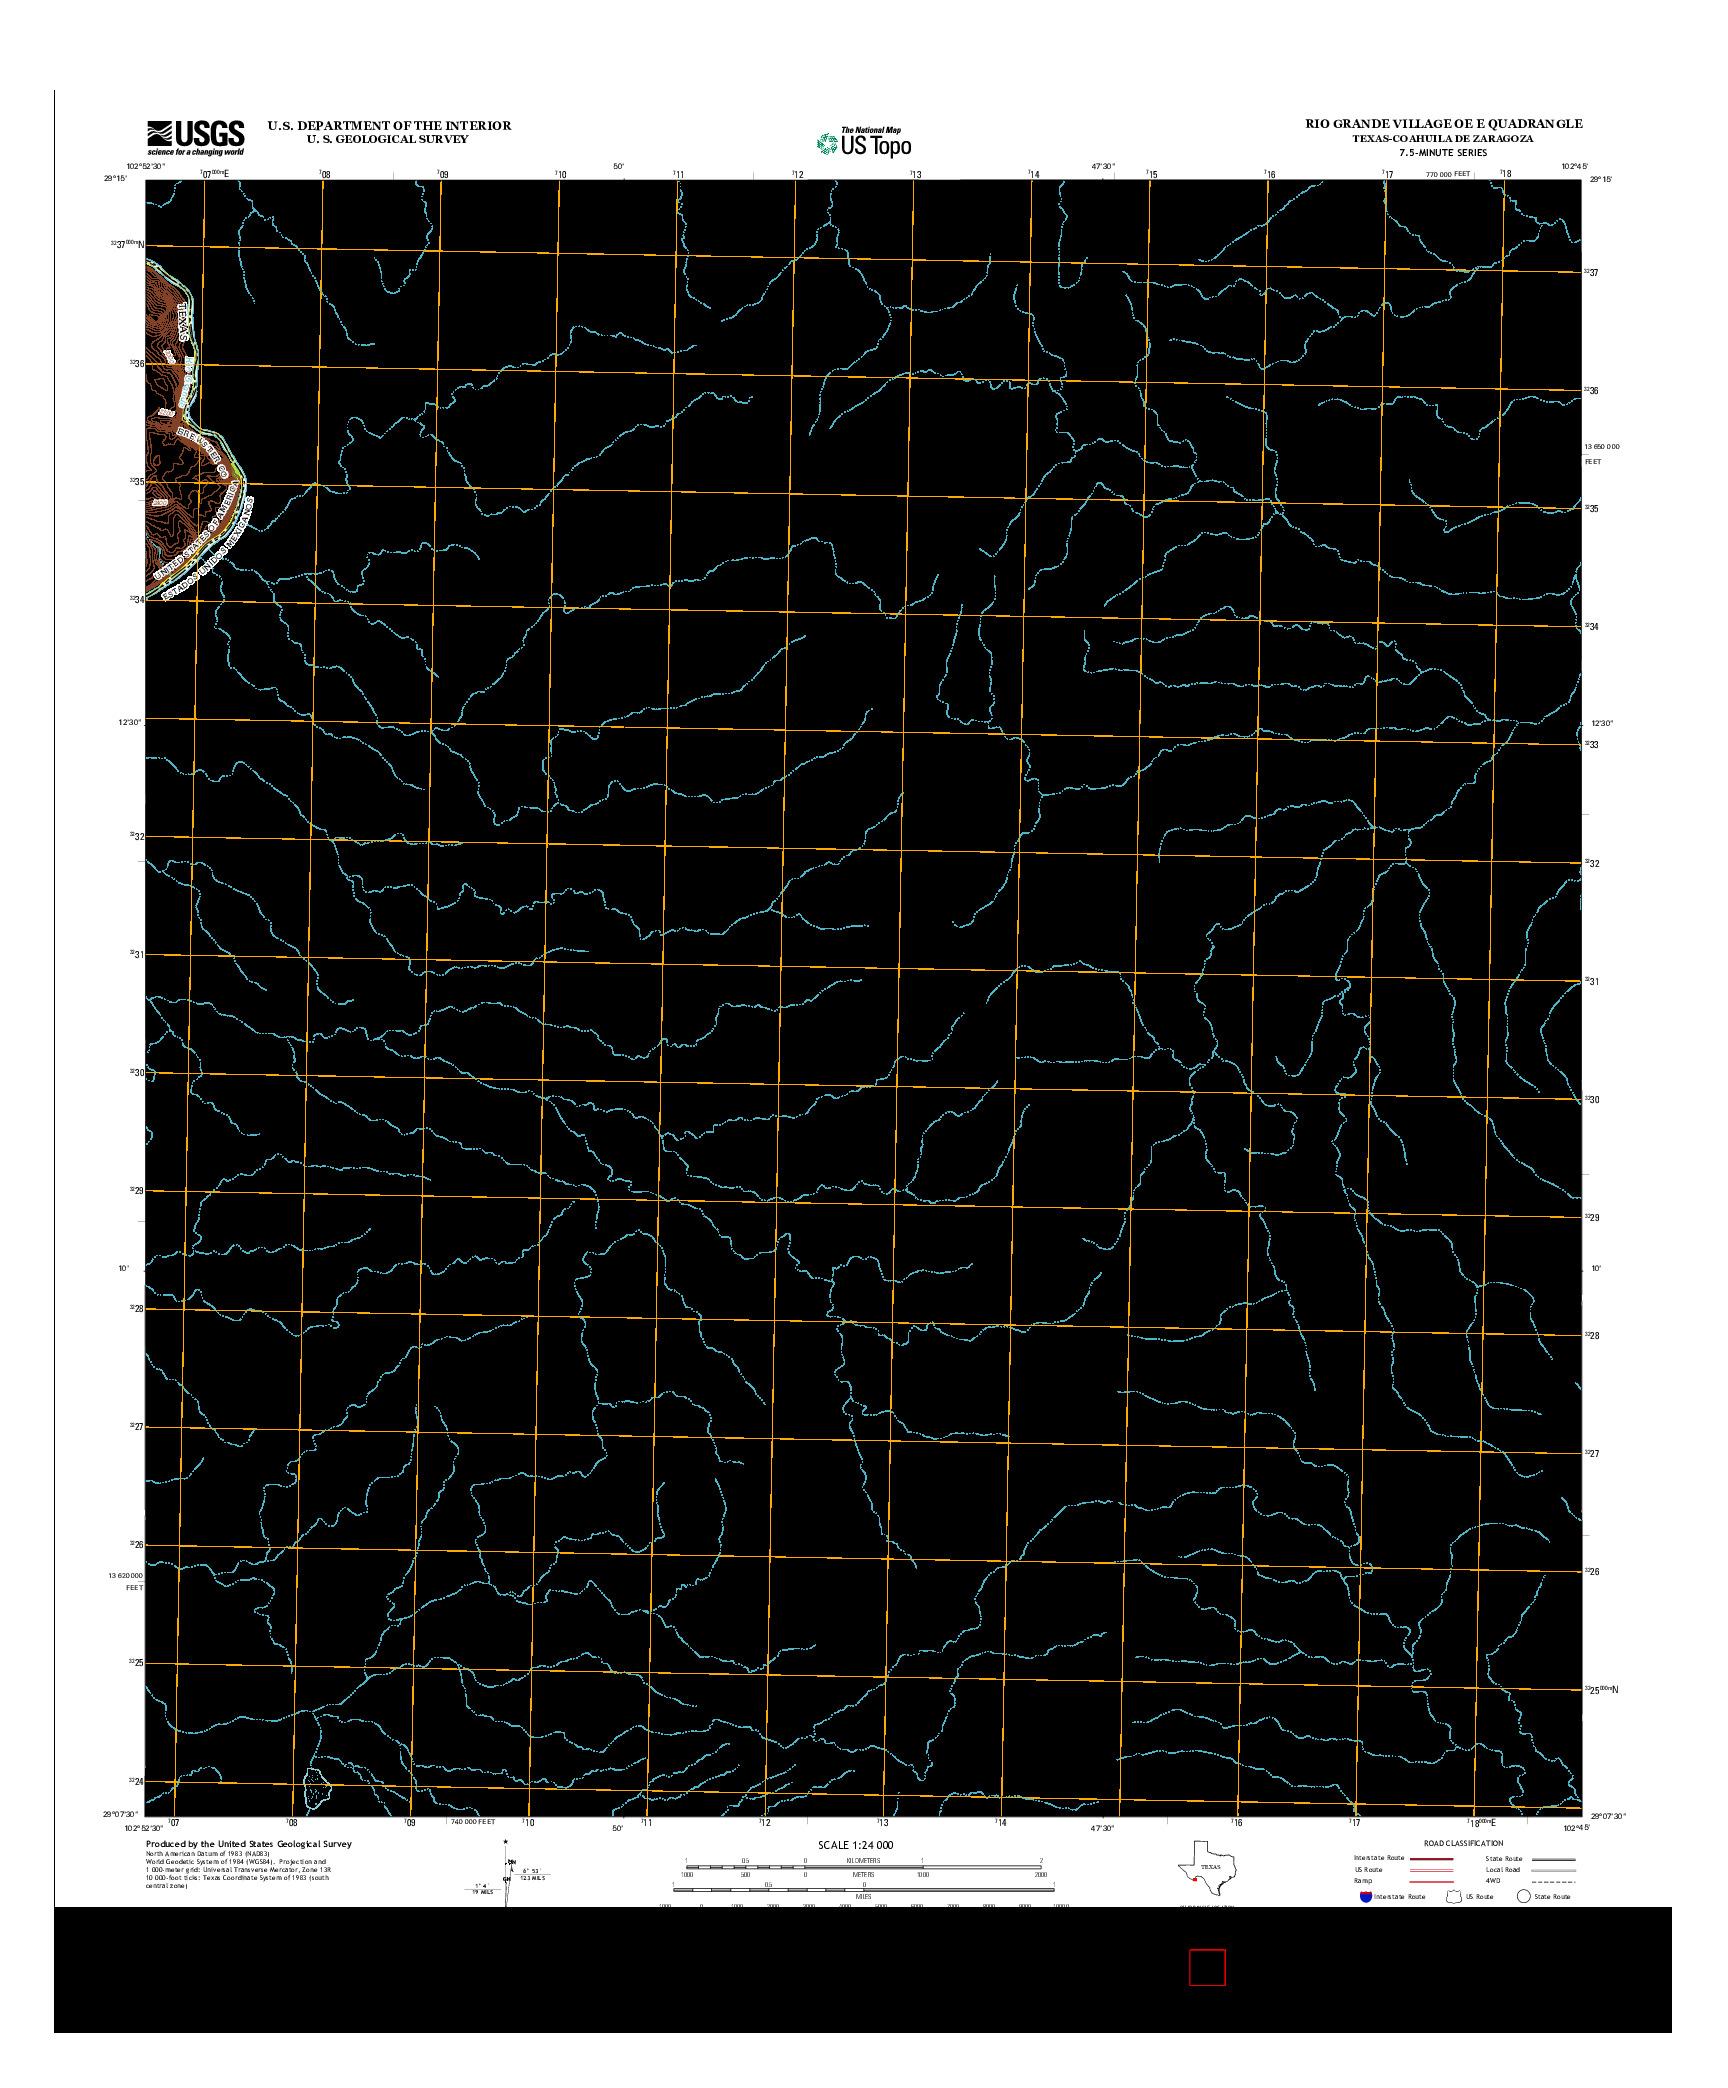 USGS US TOPO 7.5-MINUTE MAP FOR RIO GRANDE VILLAGE OE E, TX-COA 2013